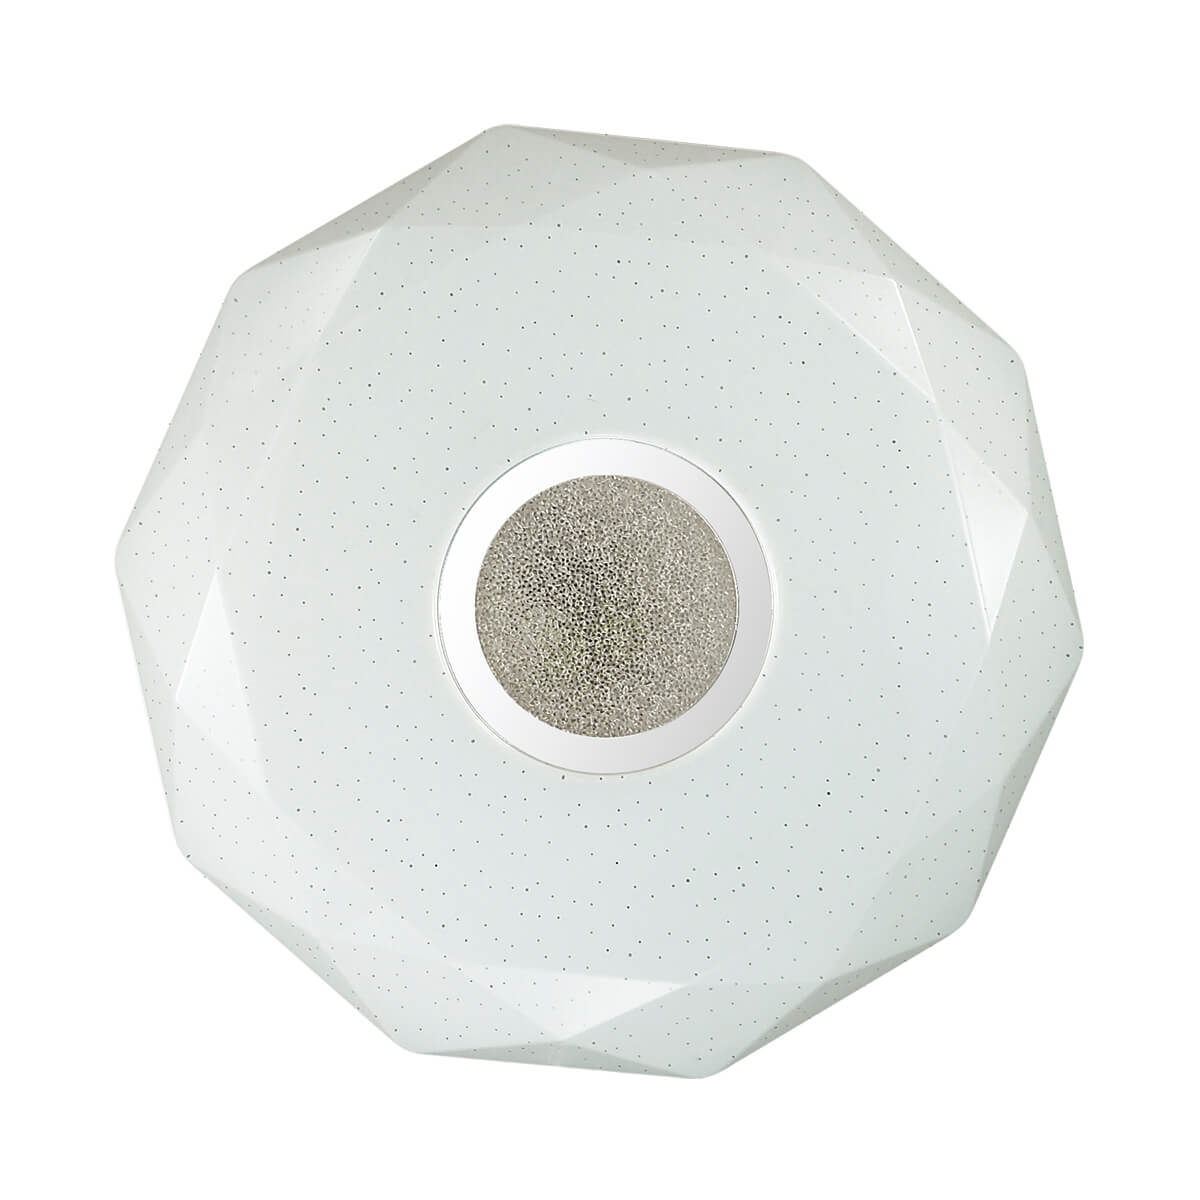 Настенно-потолочный светодиодный светильник Sonex Prisa 2057/EL sonex настенно потолочный светильник sonex prisa 2057 dl